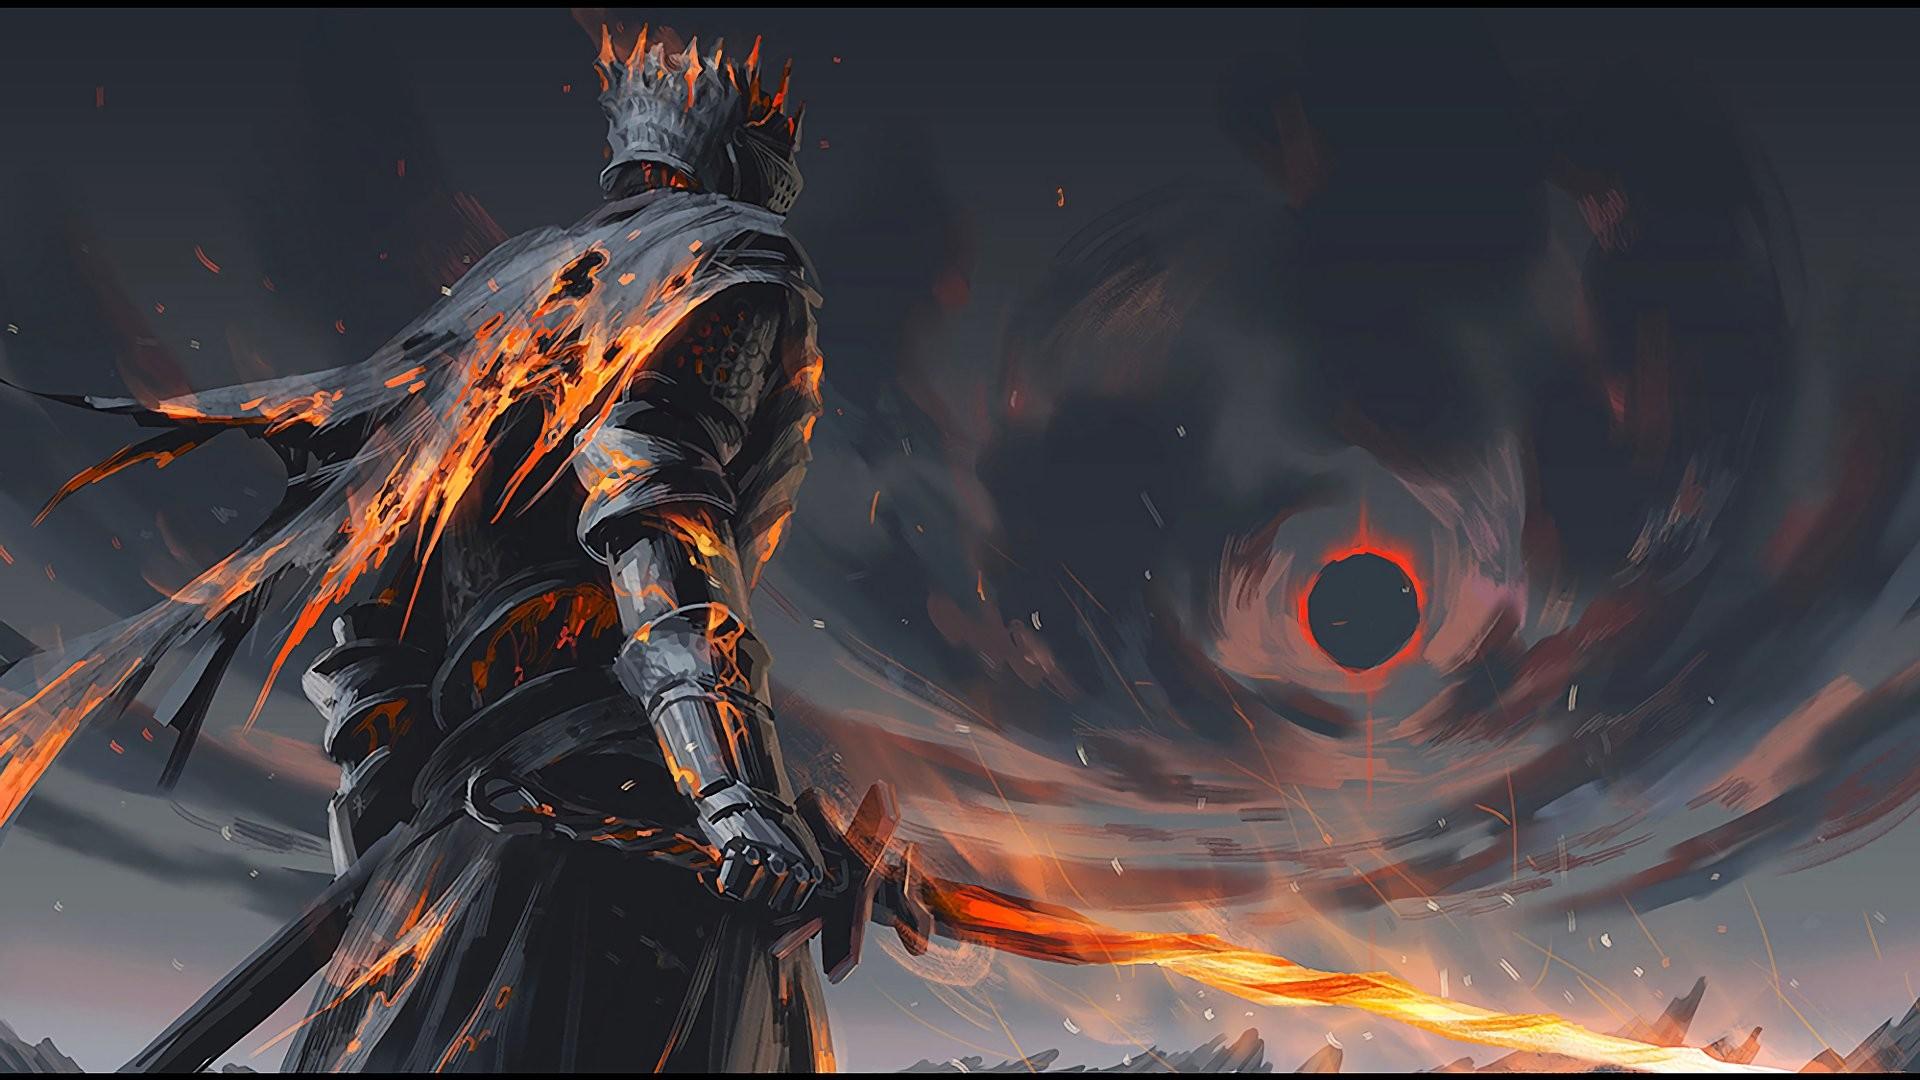 Dark Souls 3 IPhone Wallpaper (73+ Images